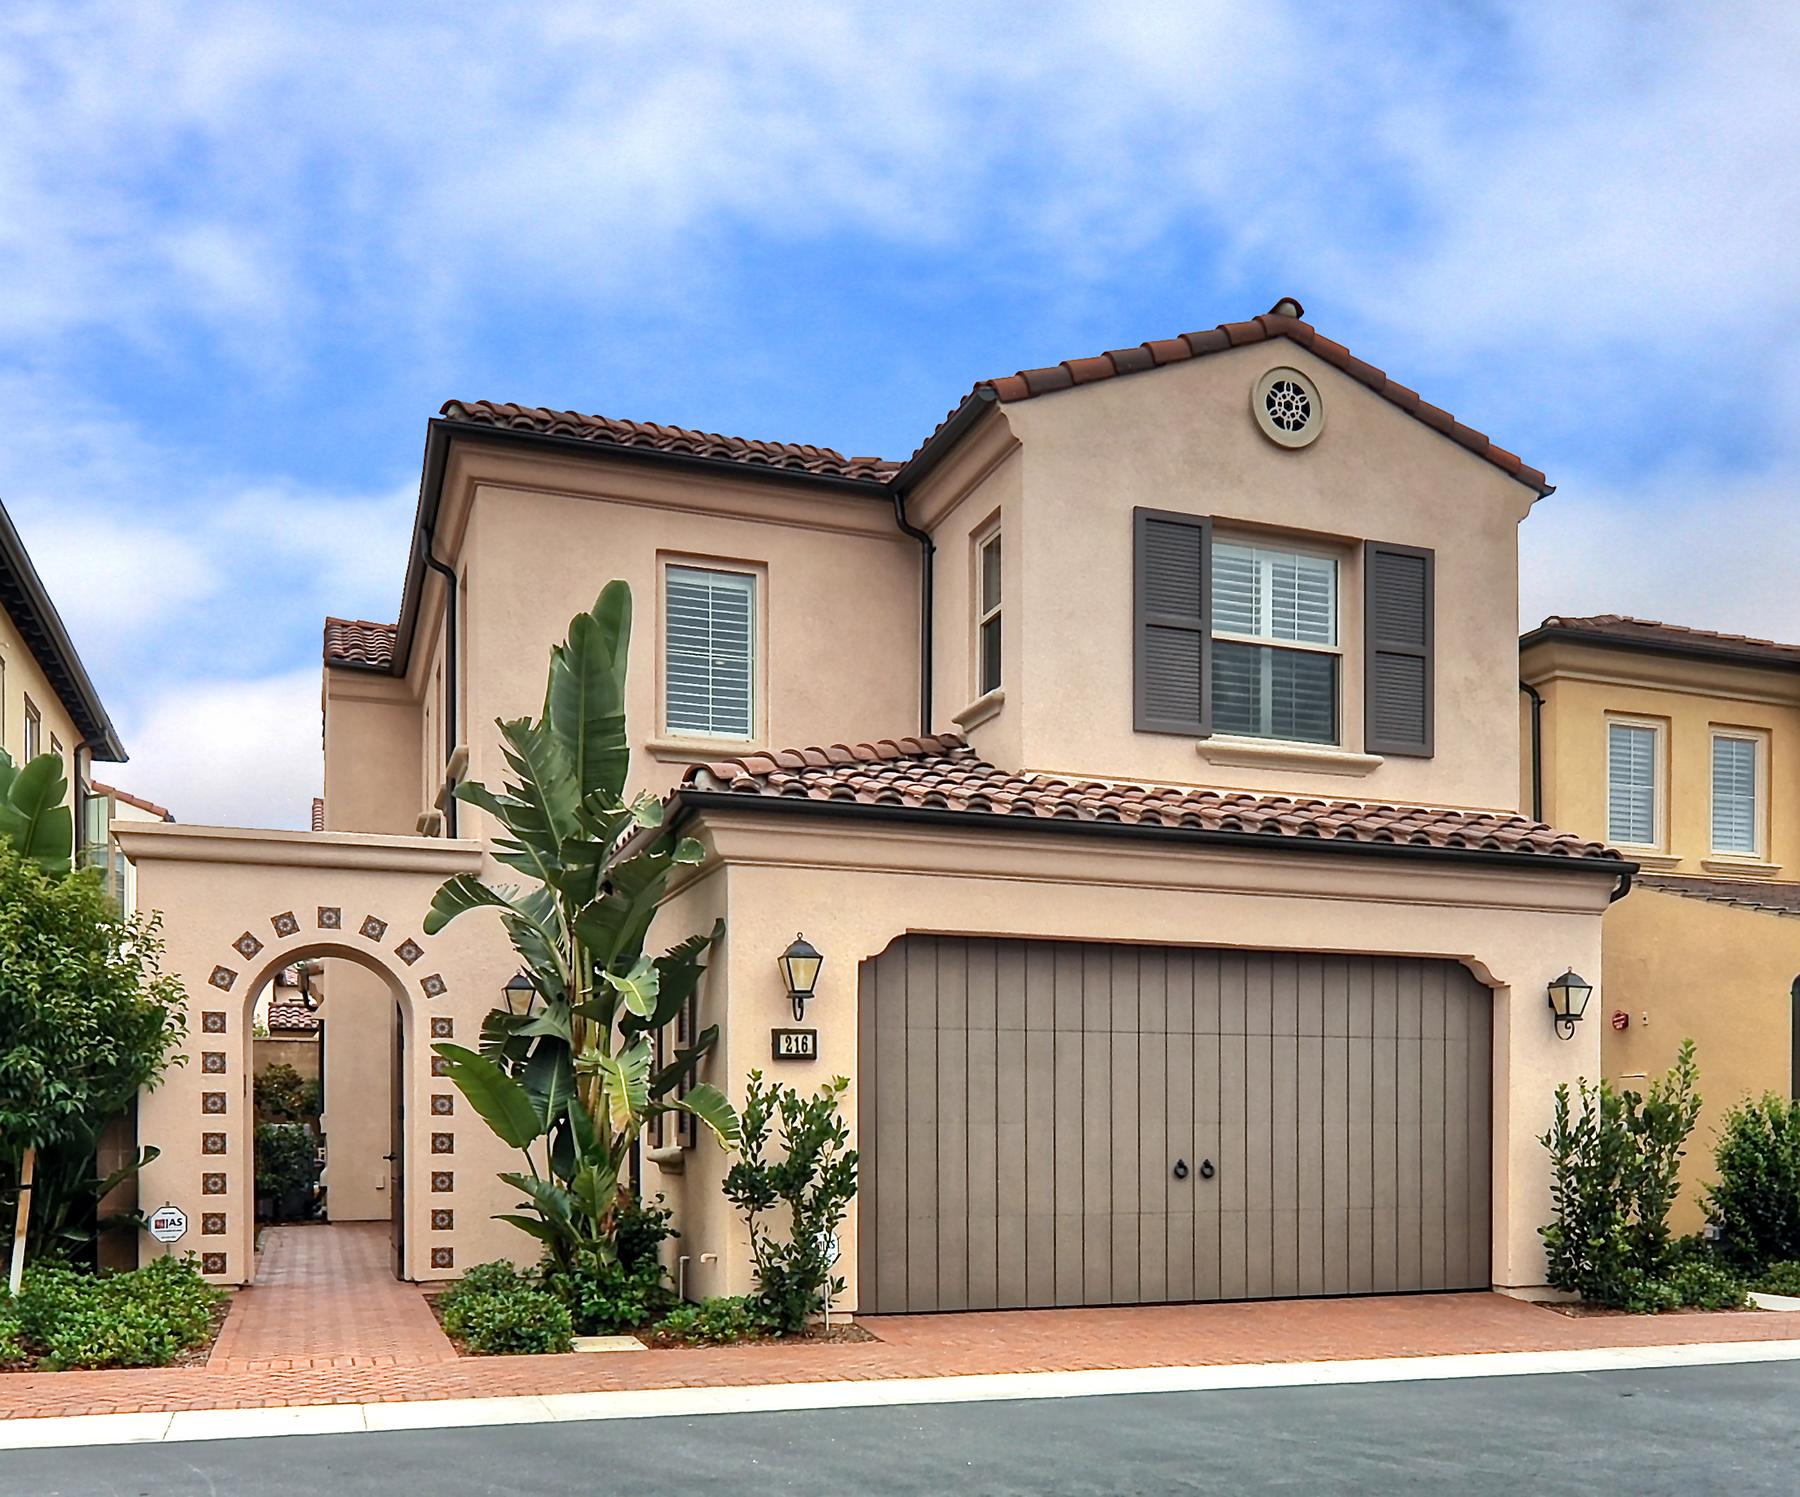 独户住宅 为 销售 在 216 Bancroft Irvine, 加利福尼亚州 92620 美国